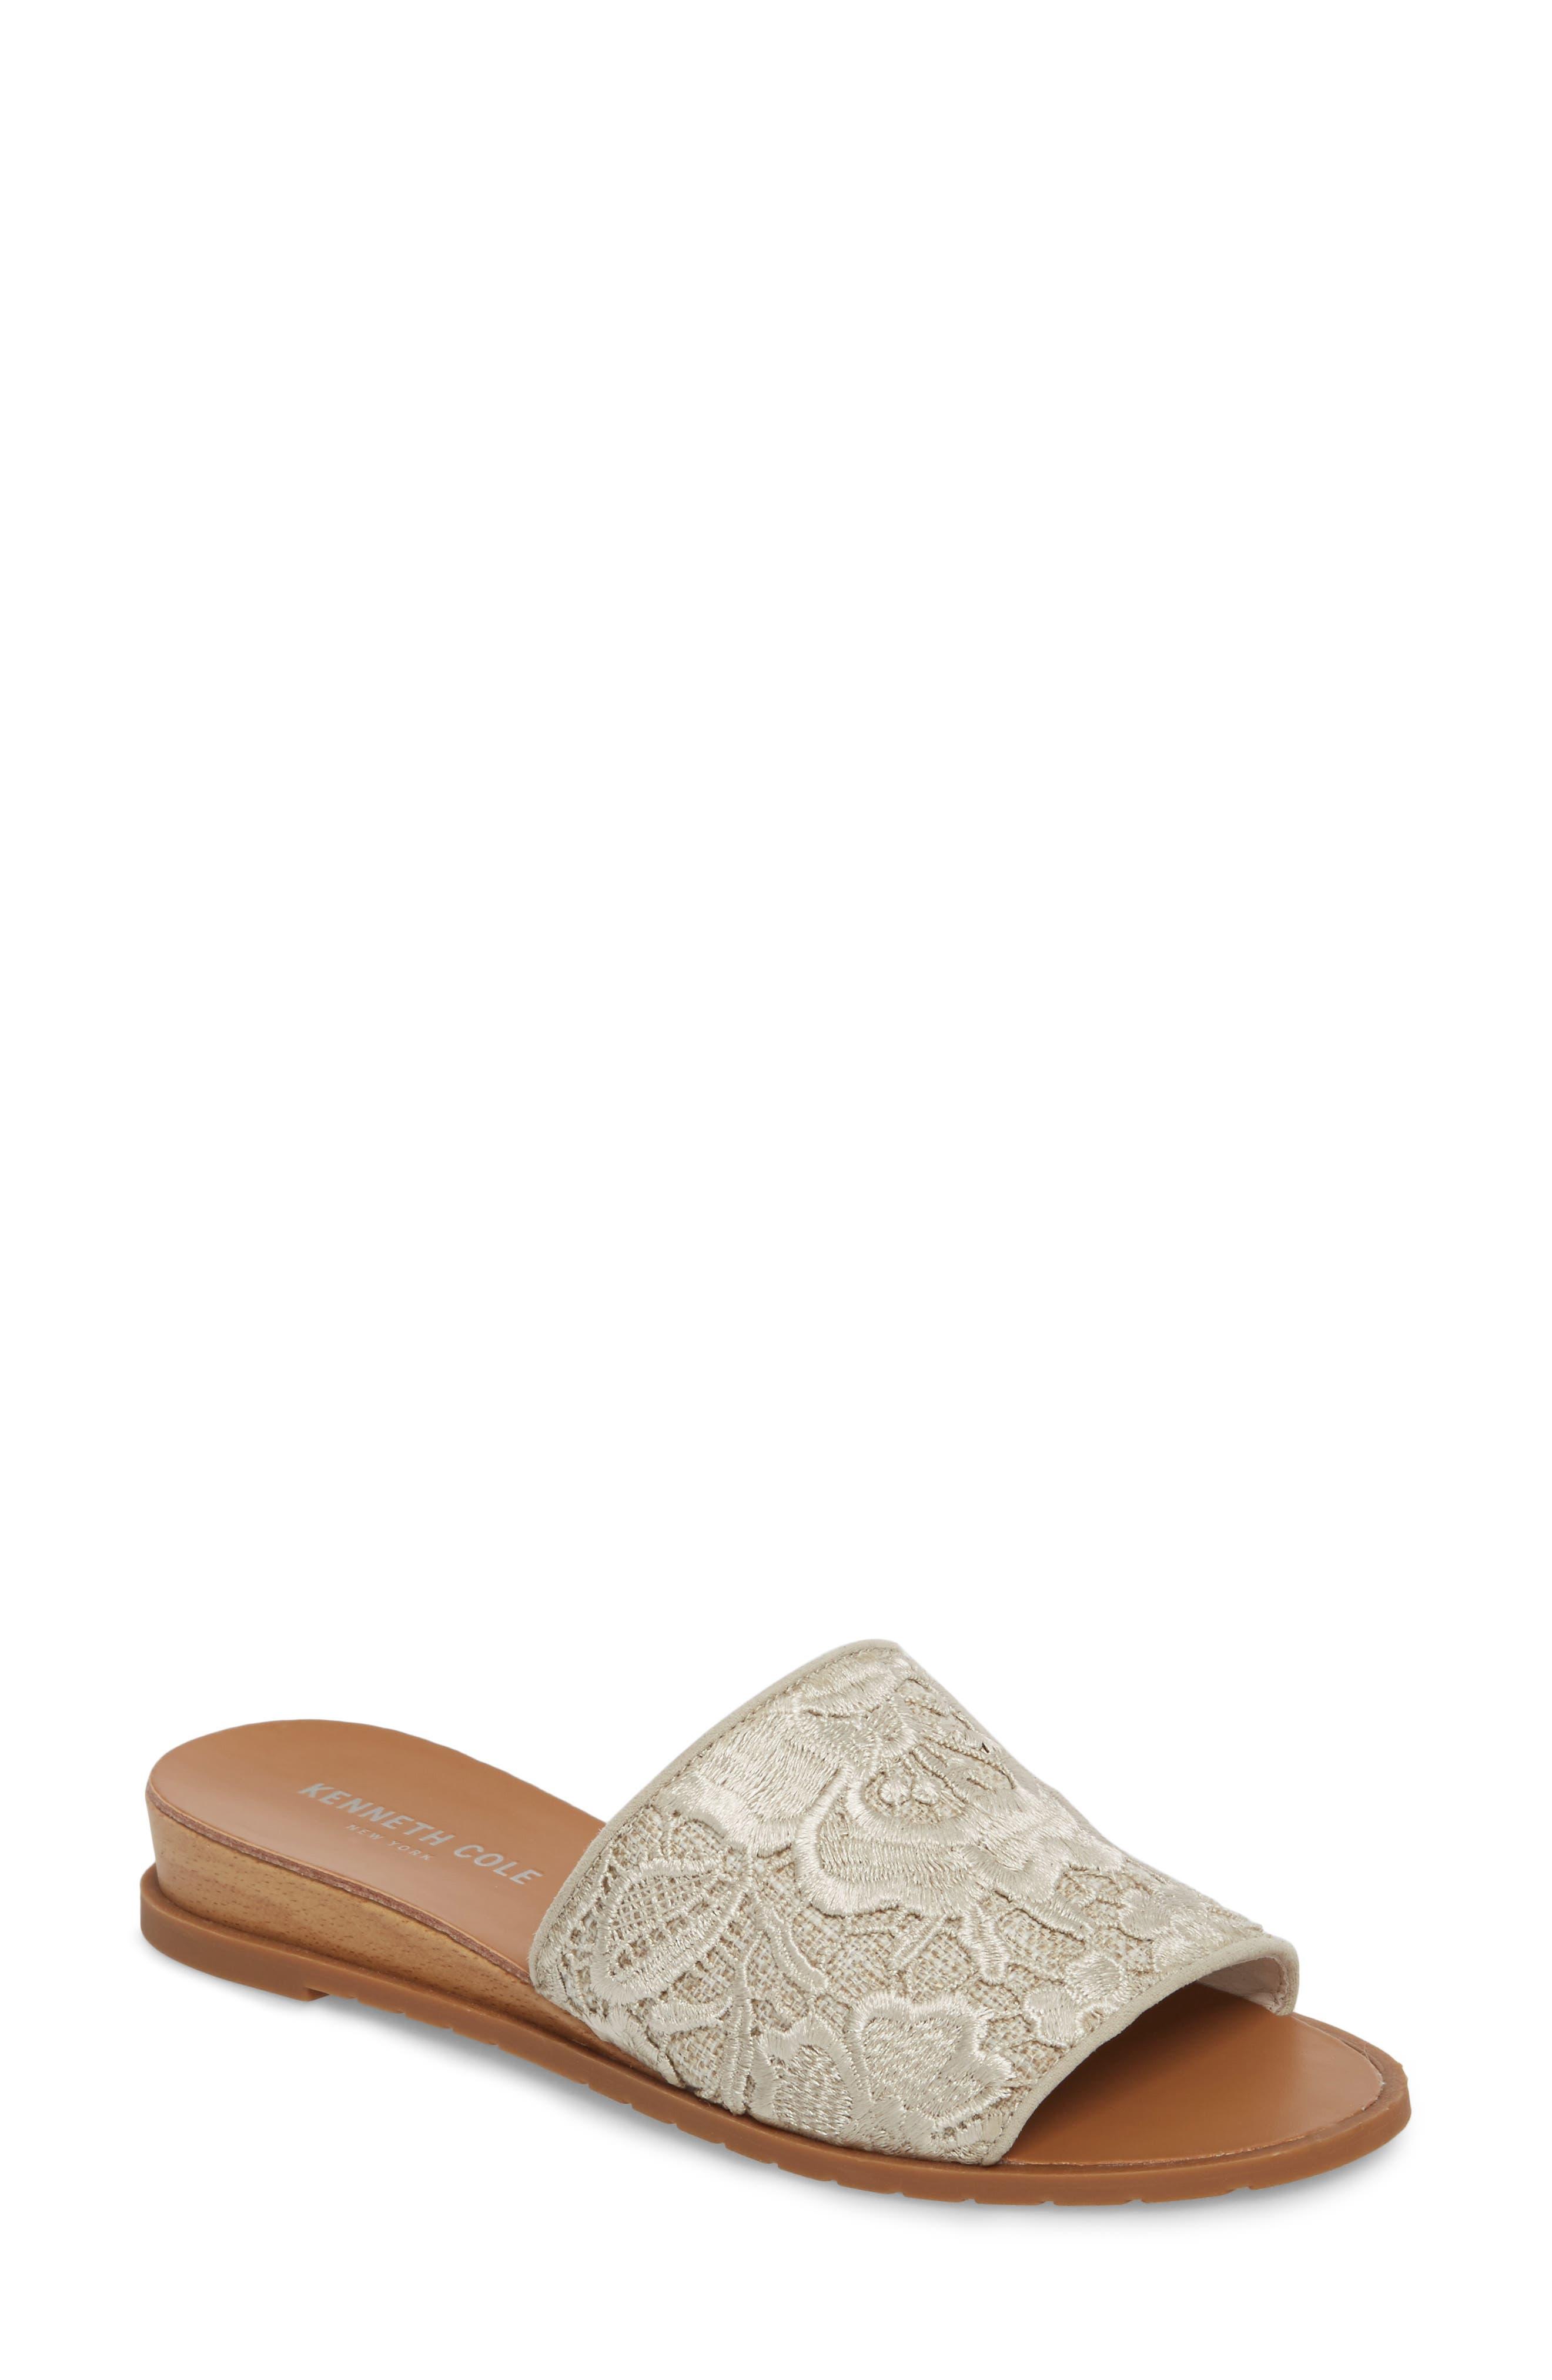 Joanne Flower Embroidered Slide Sandal,                             Main thumbnail 2, color,